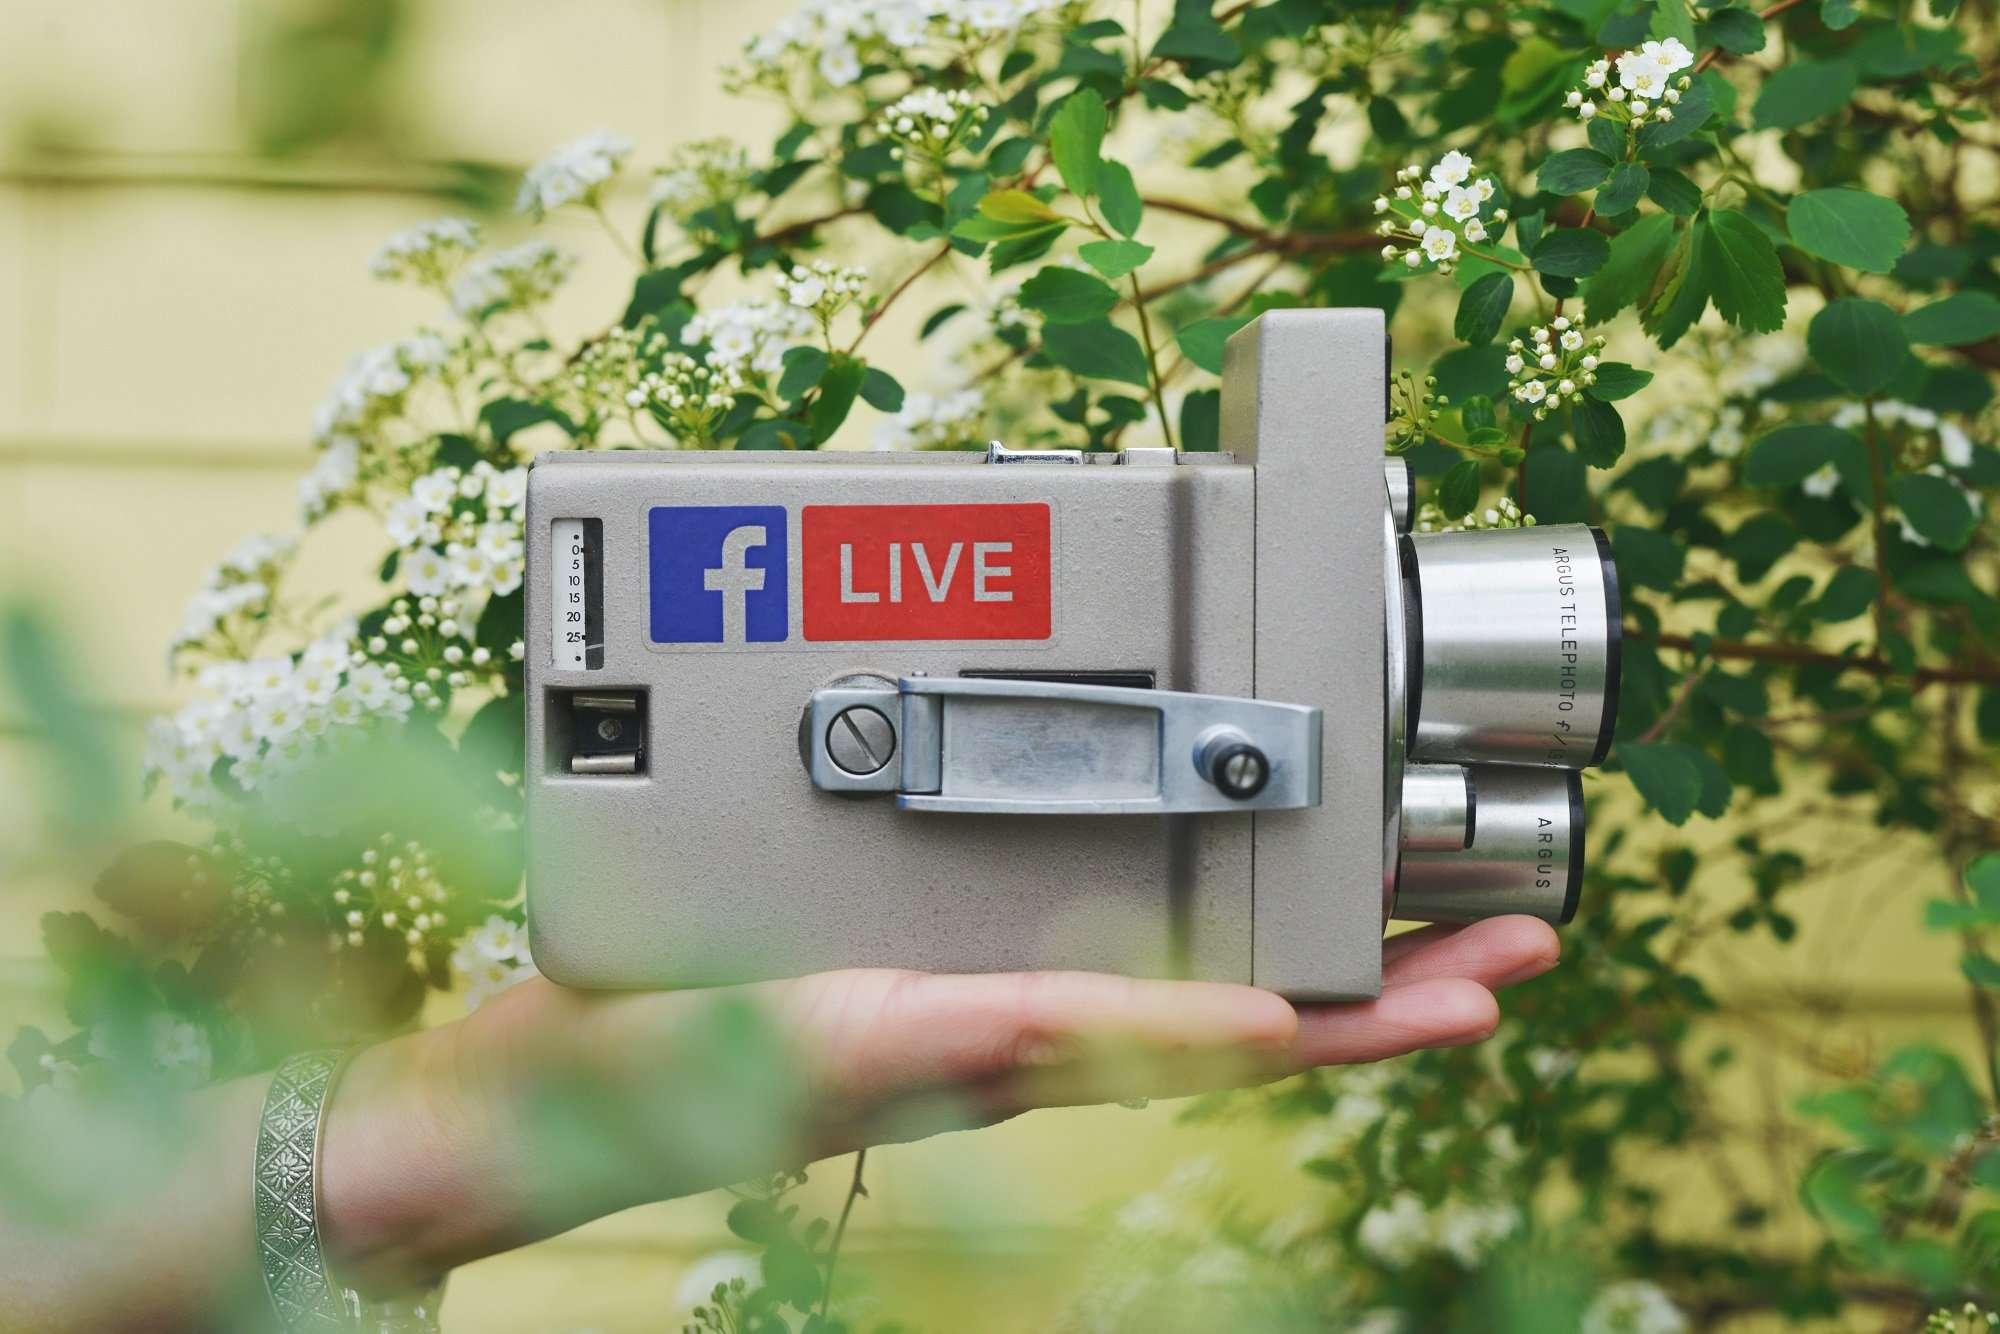 Vidéos en live sur Facebook et Instagram, les astuces